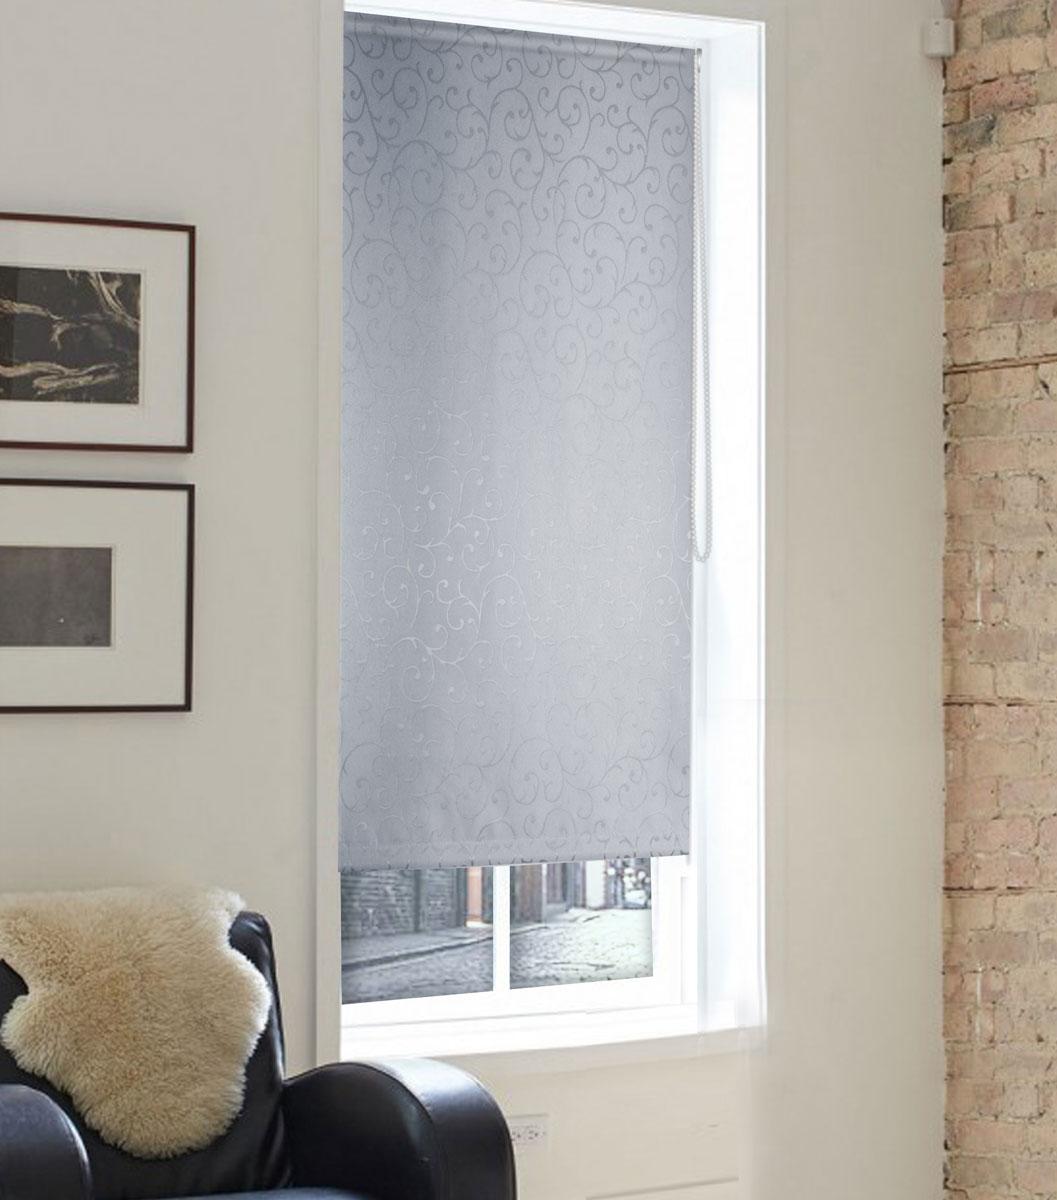 Штора рулонная Эскар Миниролло. Агат, фактурная, цвет: серый, ширина 115 см, высота 160 см39008048170Рулонная штора Эскар Миниролло. Агат выполнена из высокопрочной ткани, которая сохраняет свой размер даже при намокании. Ткань не выцветает и обладает отличной цветоустойчивостью.Миниролло - это подвид рулонных штор, который закрывает не весь оконный проем, а непосредственно само стекло. Такие шторы крепятся на раму без сверления при помощи зажимов или клейкой двухсторонней ленты. Окно остается на гарантии, благодаря монтажу без сверления. Такая штора станет прекрасным элементом декора окна и гармонично впишется в интерьер любого помещения.